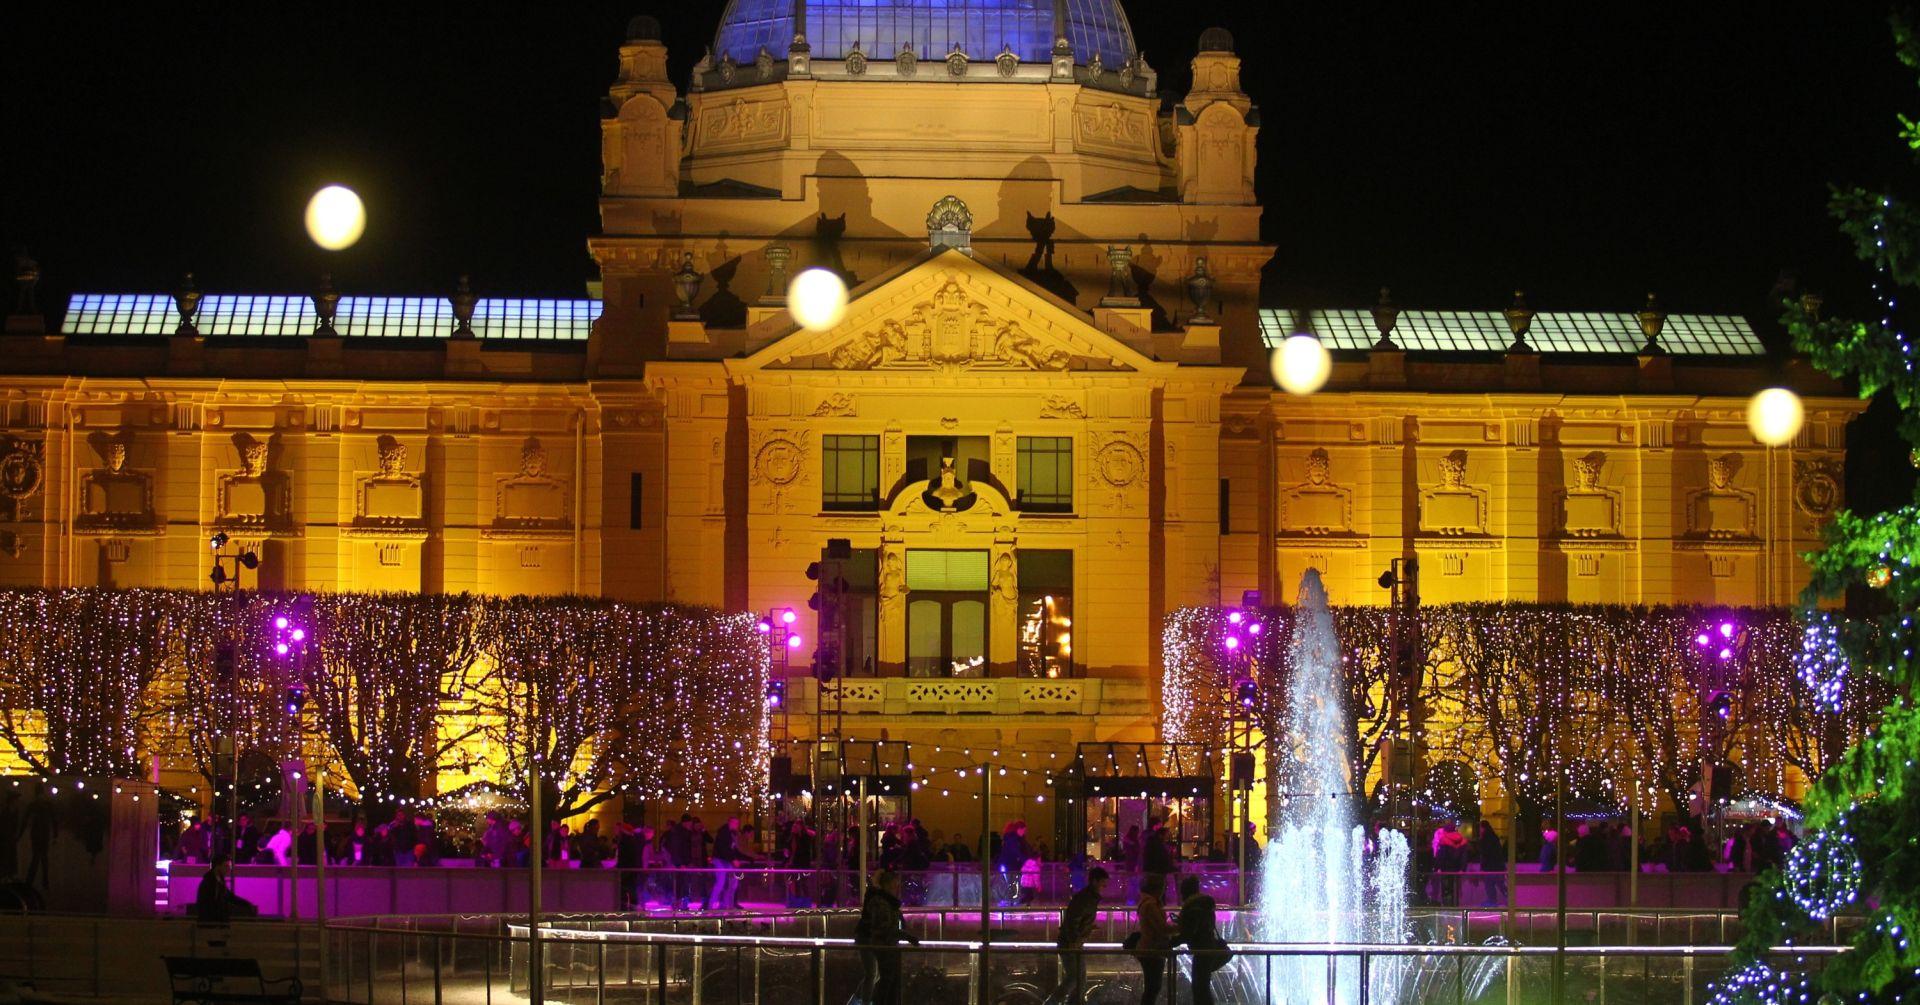 Umjetnički paviljon najavljuje Giacomettija i uvodi godišnju ulaznicu